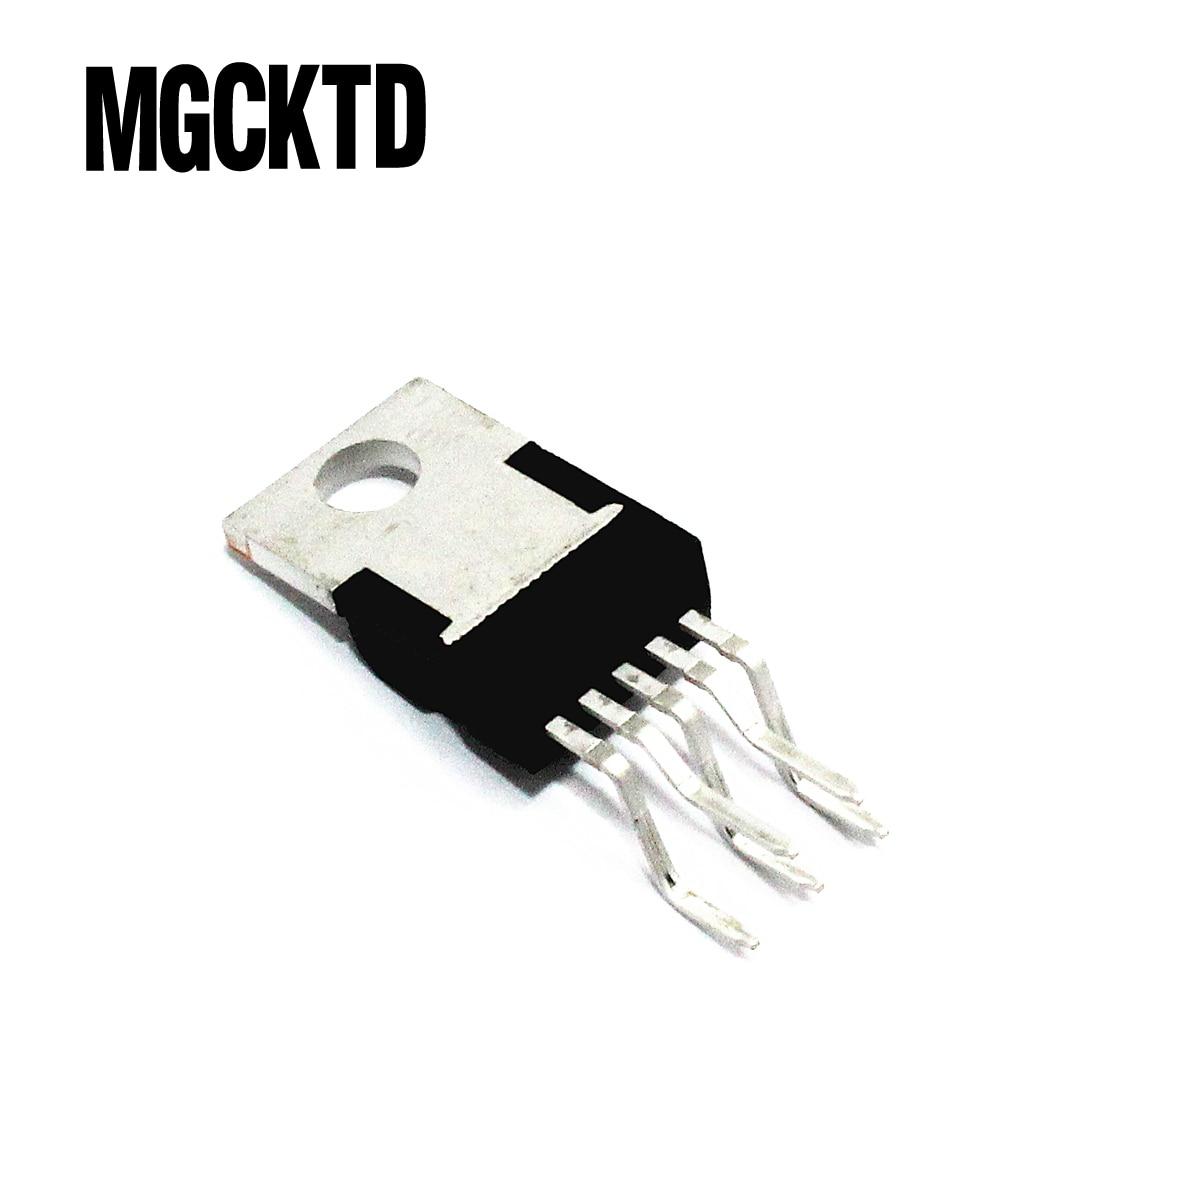 Nova 10 Pcs Tda2030a Tda2030 To 220 5 Ic Em Circuitos Integrados De Tda2030av Integrated Circuit Componentes Eletrnicos Suprimentos No Aliexpresscom Alibaba Group